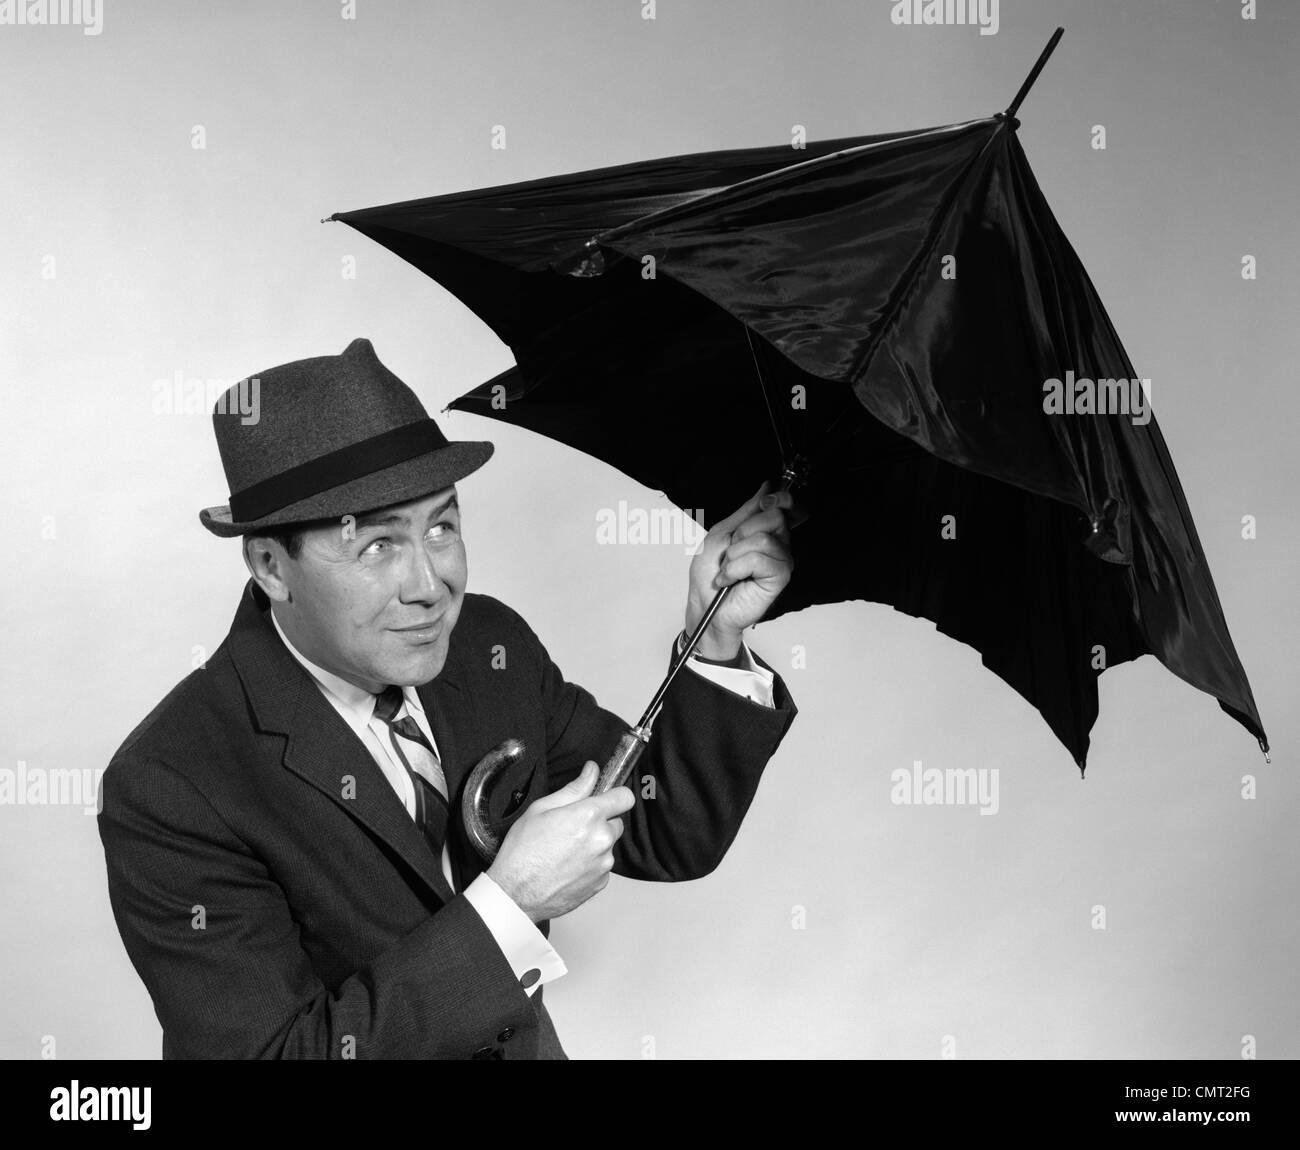 Anni sessanta imprenditore APERTURA ombrello Immagini Stock